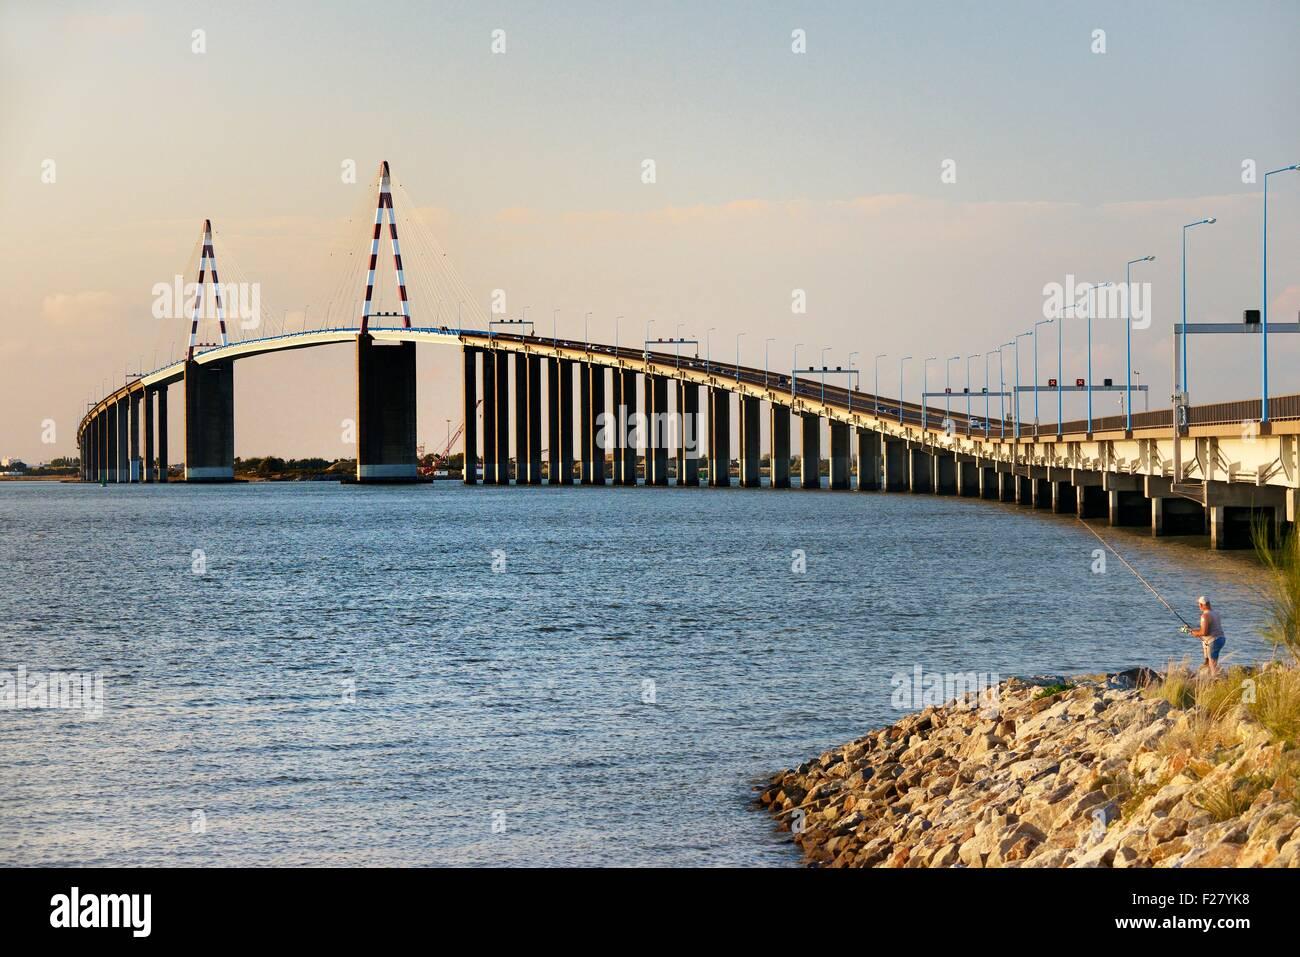 The cable-stayed Saint Nazaire Bridge, Le Pont Saint-Nazaire, spans the River Loire estuary. Brittany, France. Looking Stock Photo